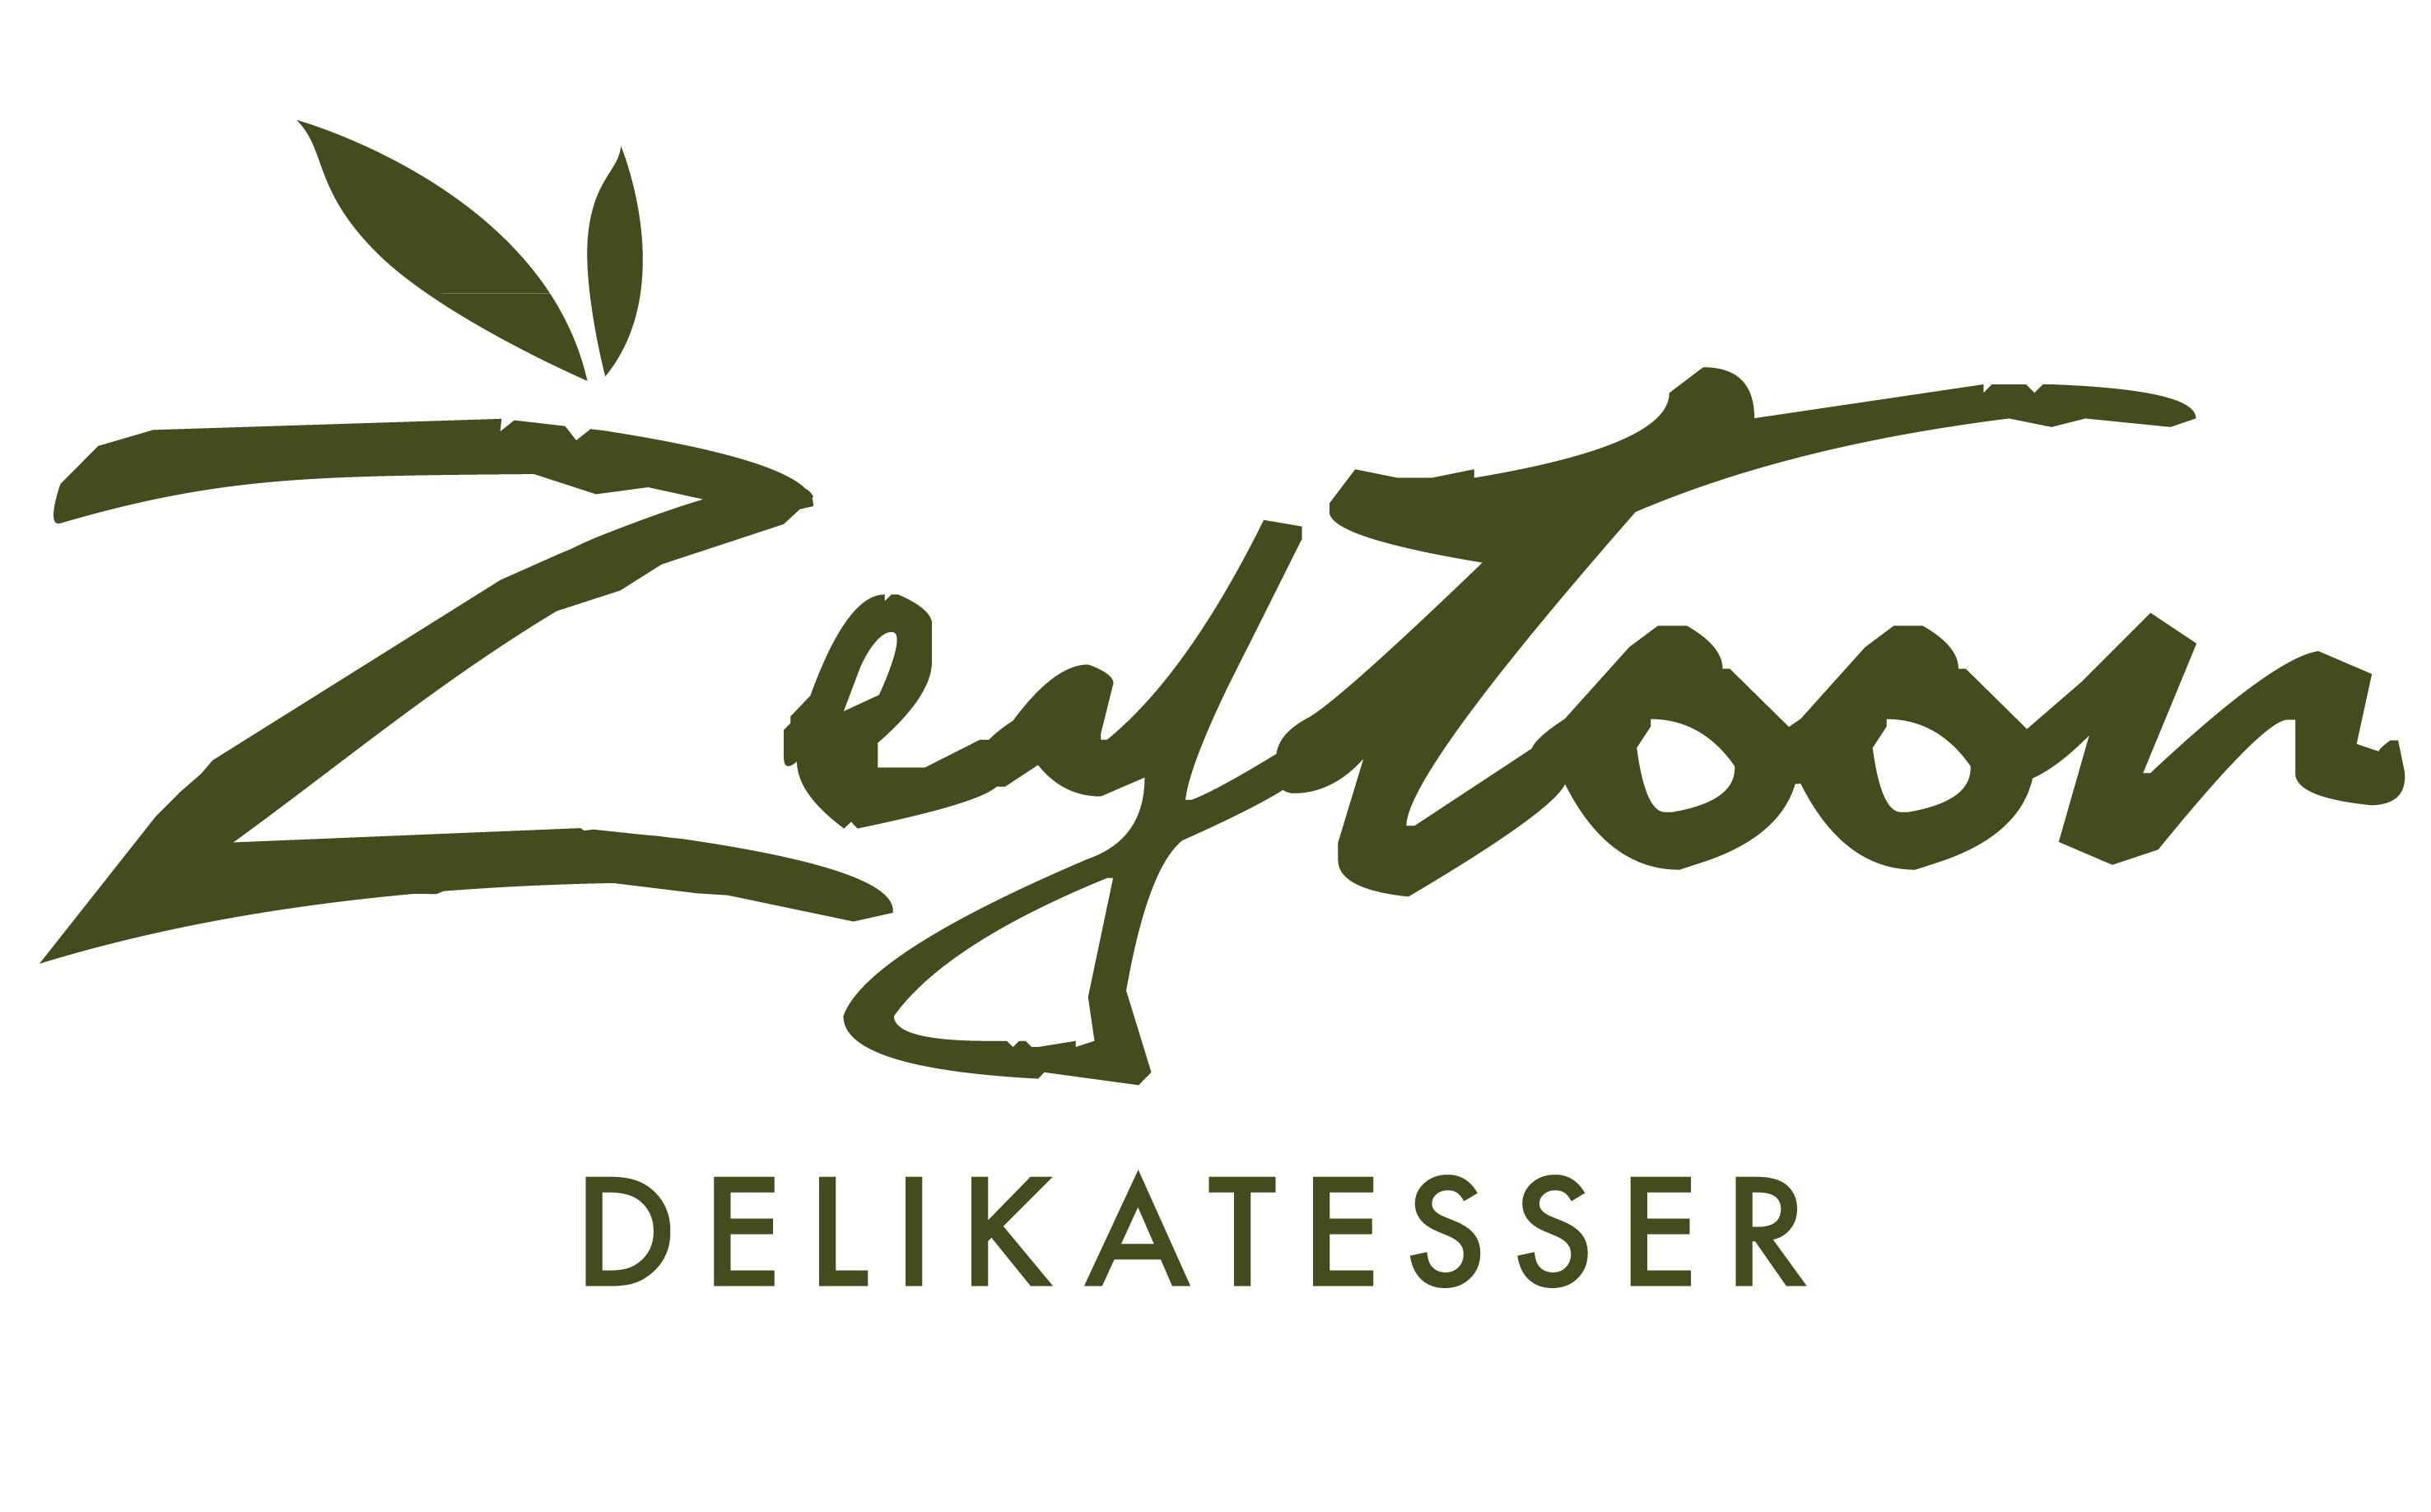 zeytoon.se